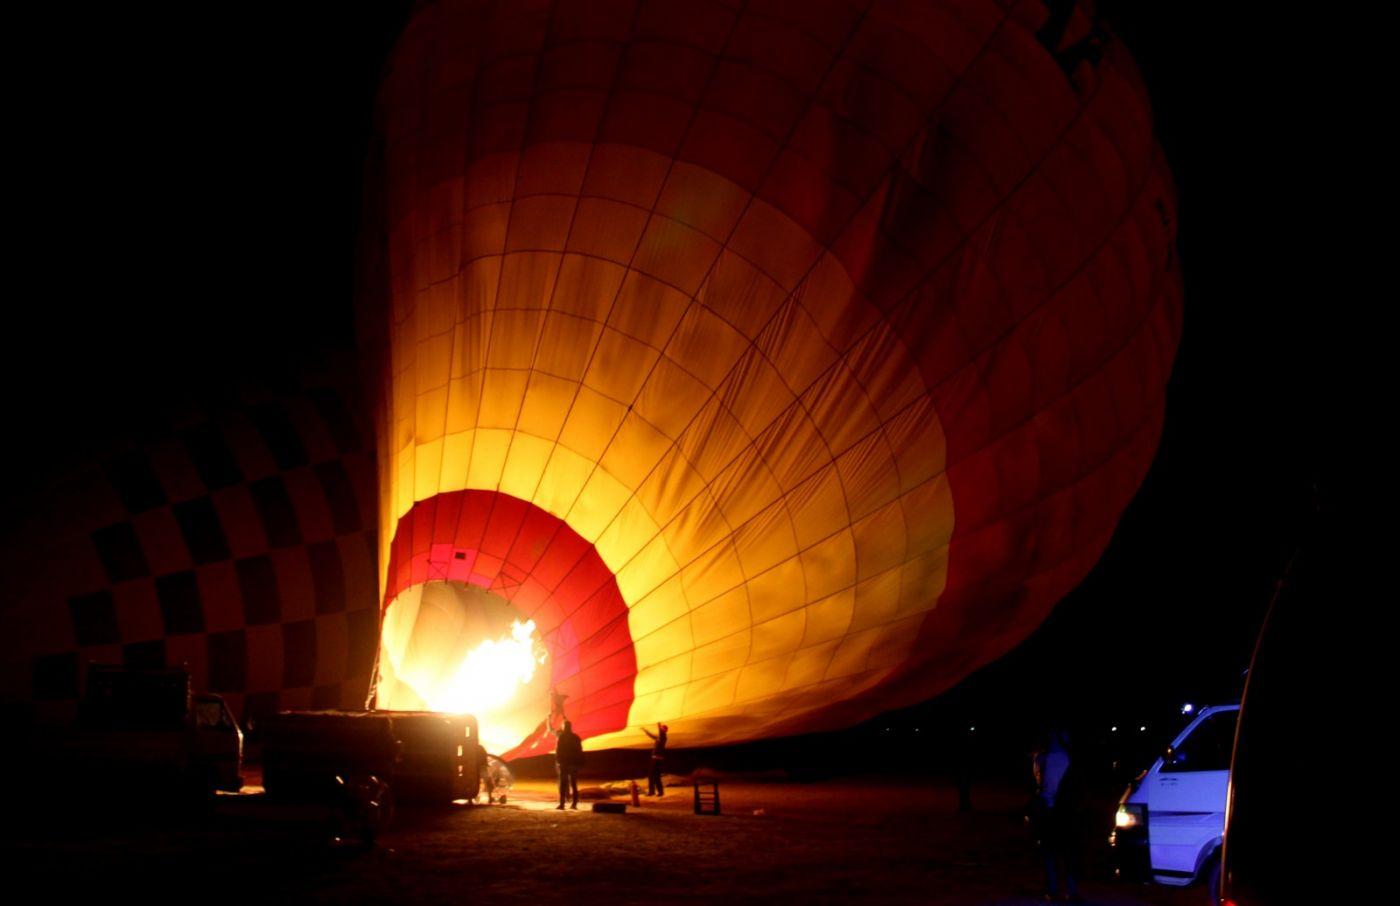 卢克索坐热气球观日出_图1-6